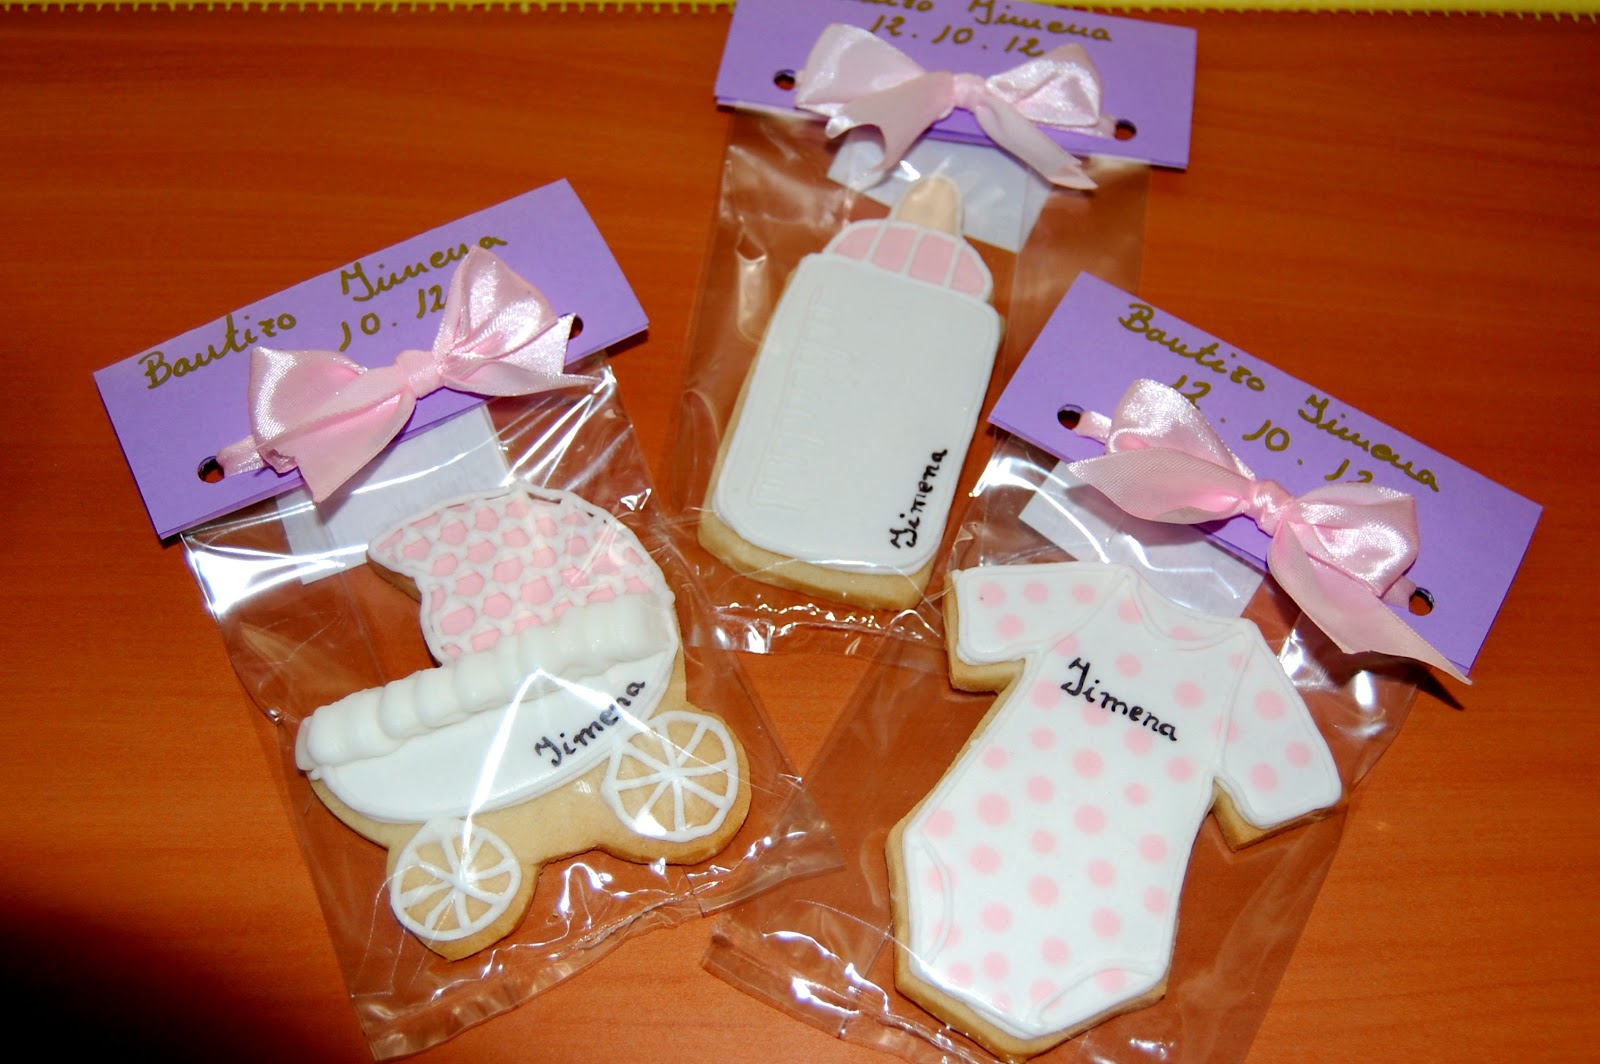 http://azucarenmicocina.blogspot.com.es/2012/11/galletas-decoradas-y-otros-4-premios.html